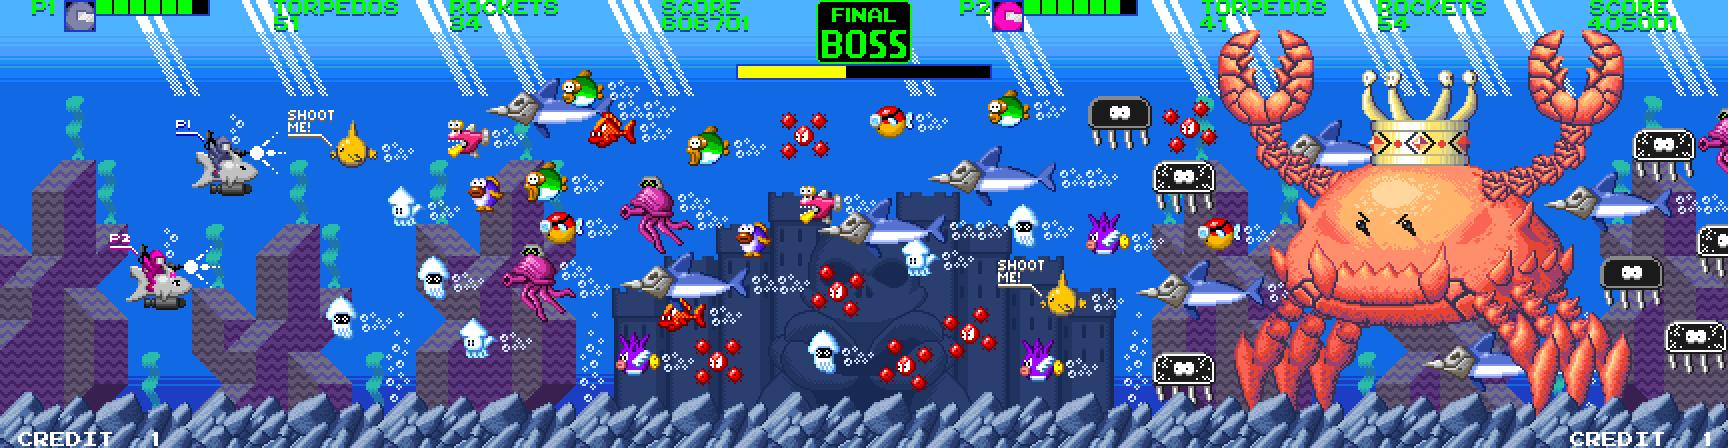 Ultimate Crab Battle 2 Demake fan art